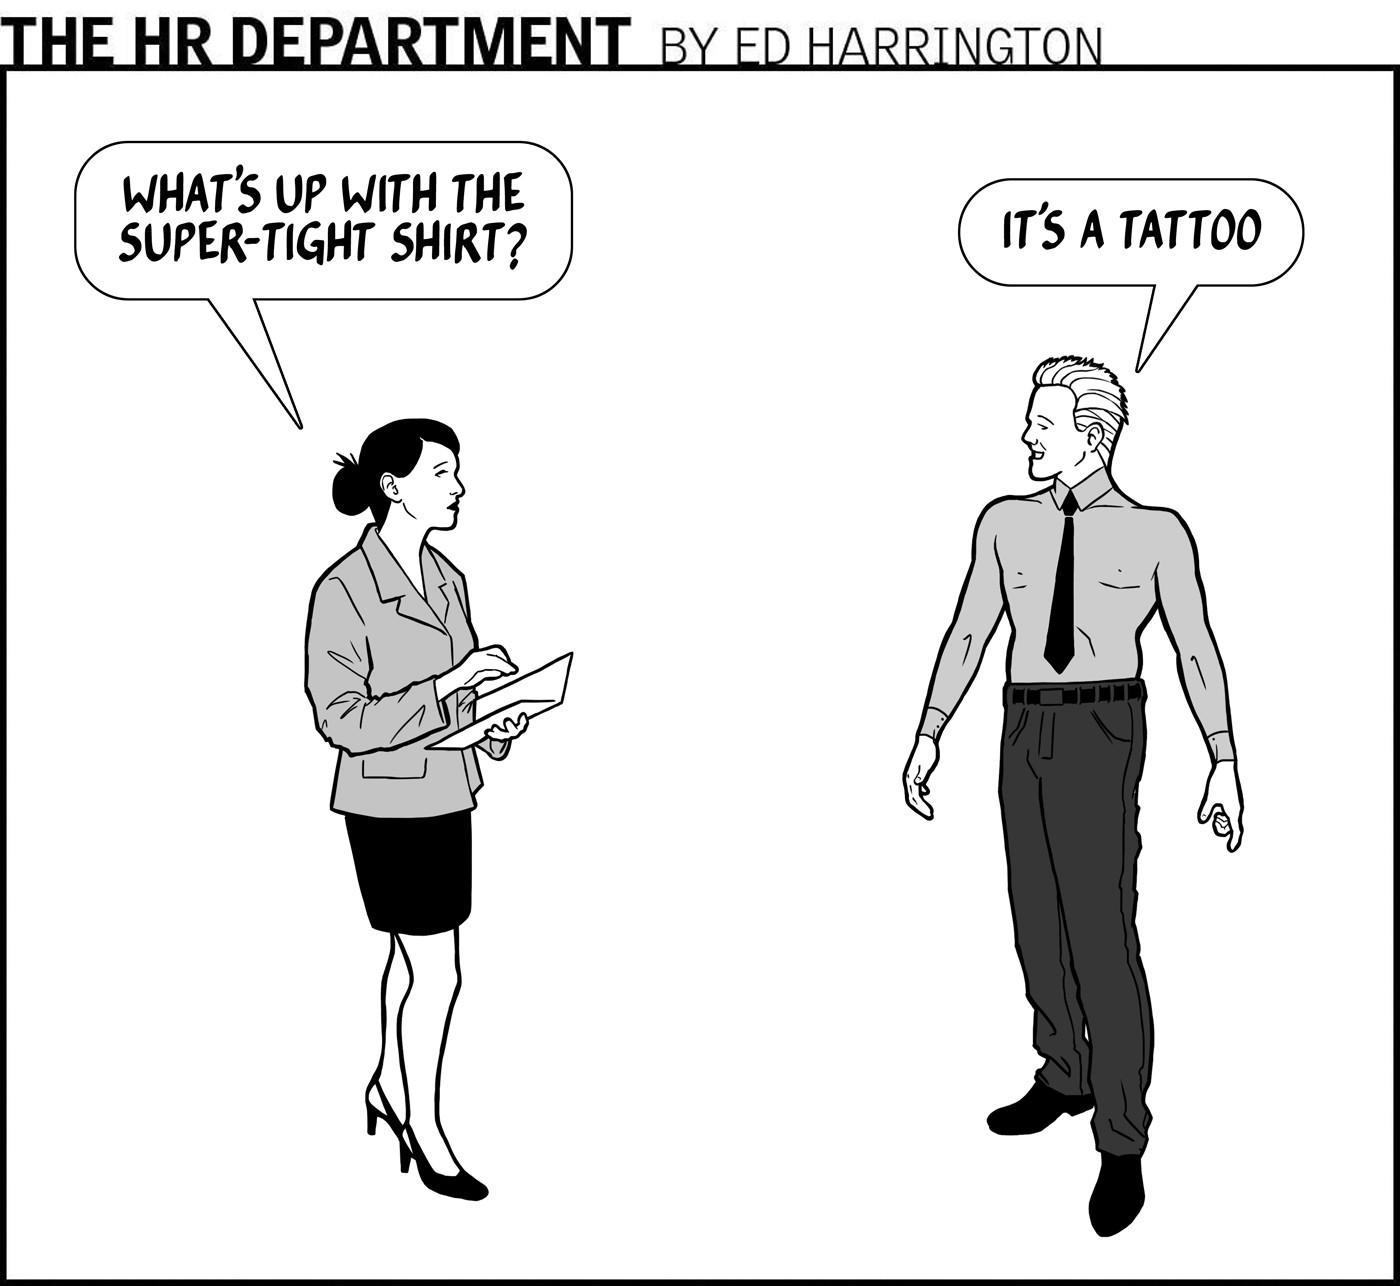 cartoon03_hr_tattoo.jpg